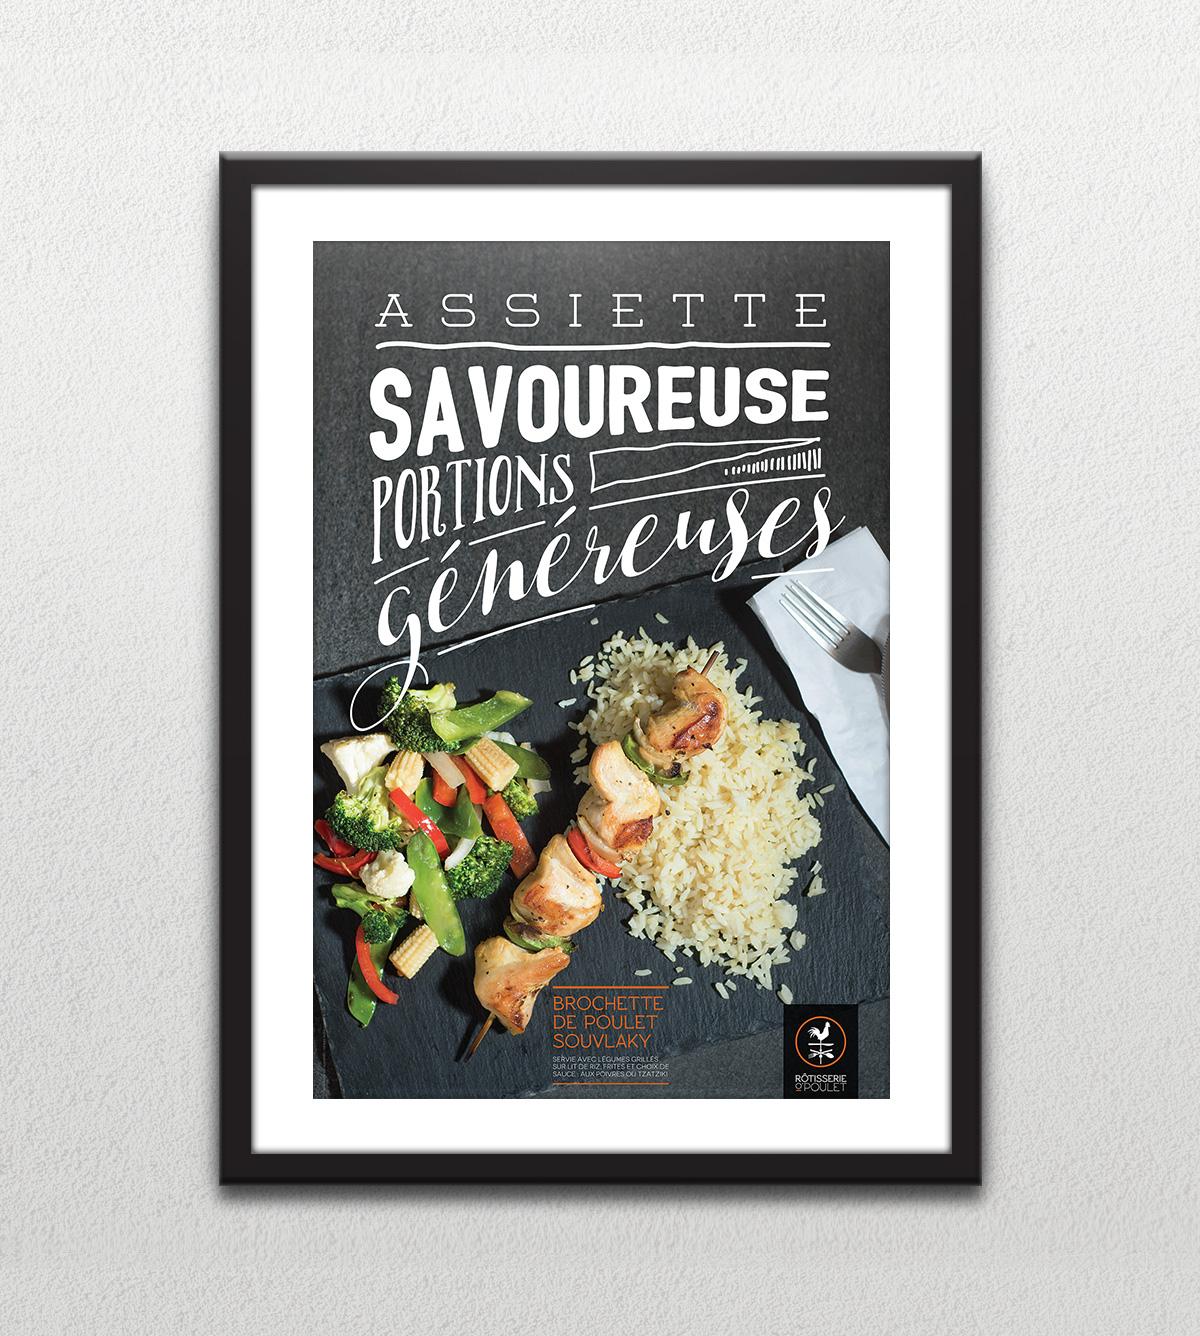 Affiche - Brochettes - Assiette savoureuse portions généreuses